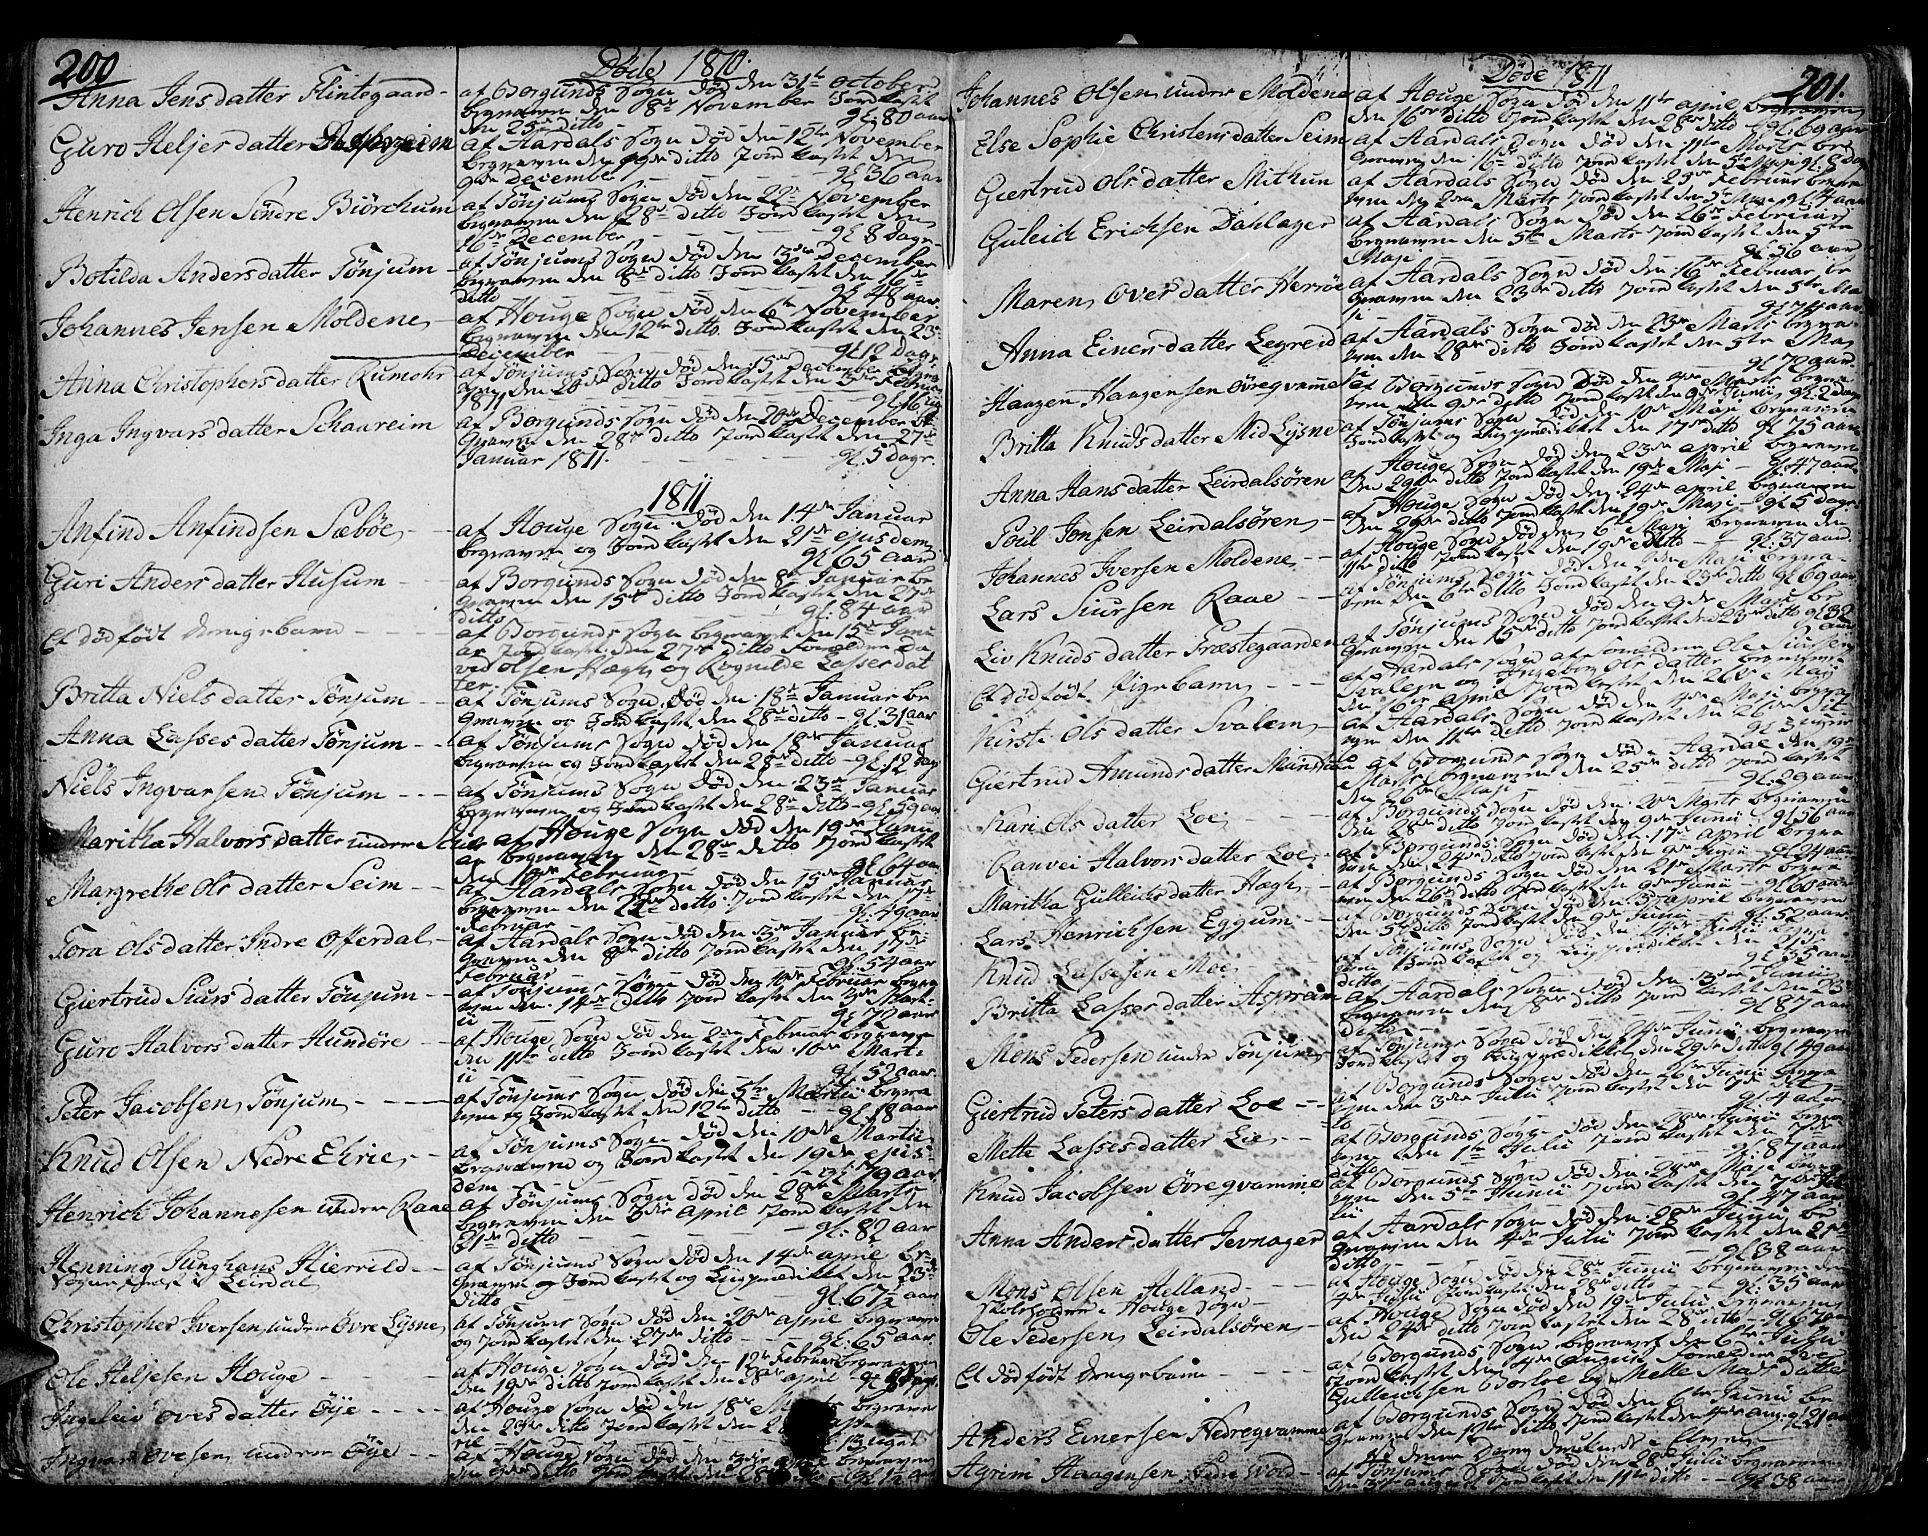 SAB, Lærdal sokneprestembete, Ministerialbok nr. A 4, 1805-1821, s. 200-201